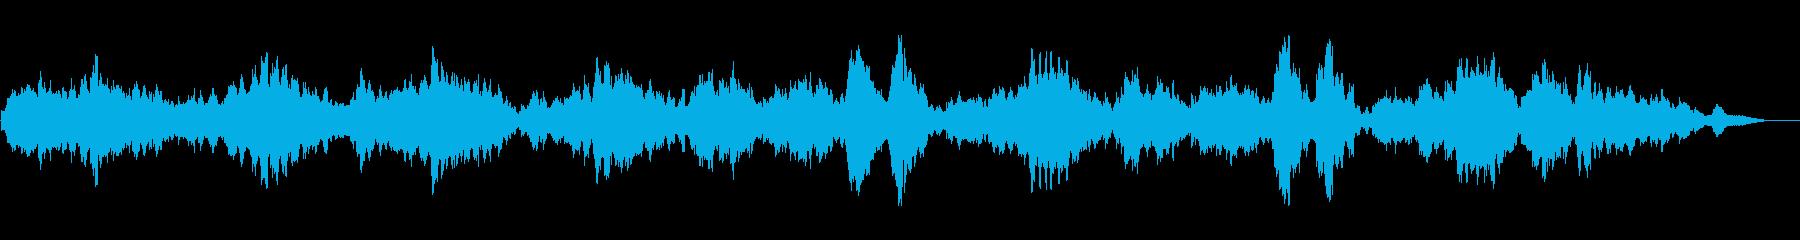 ドヴォルザーク/ロマンティックな小品1の再生済みの波形